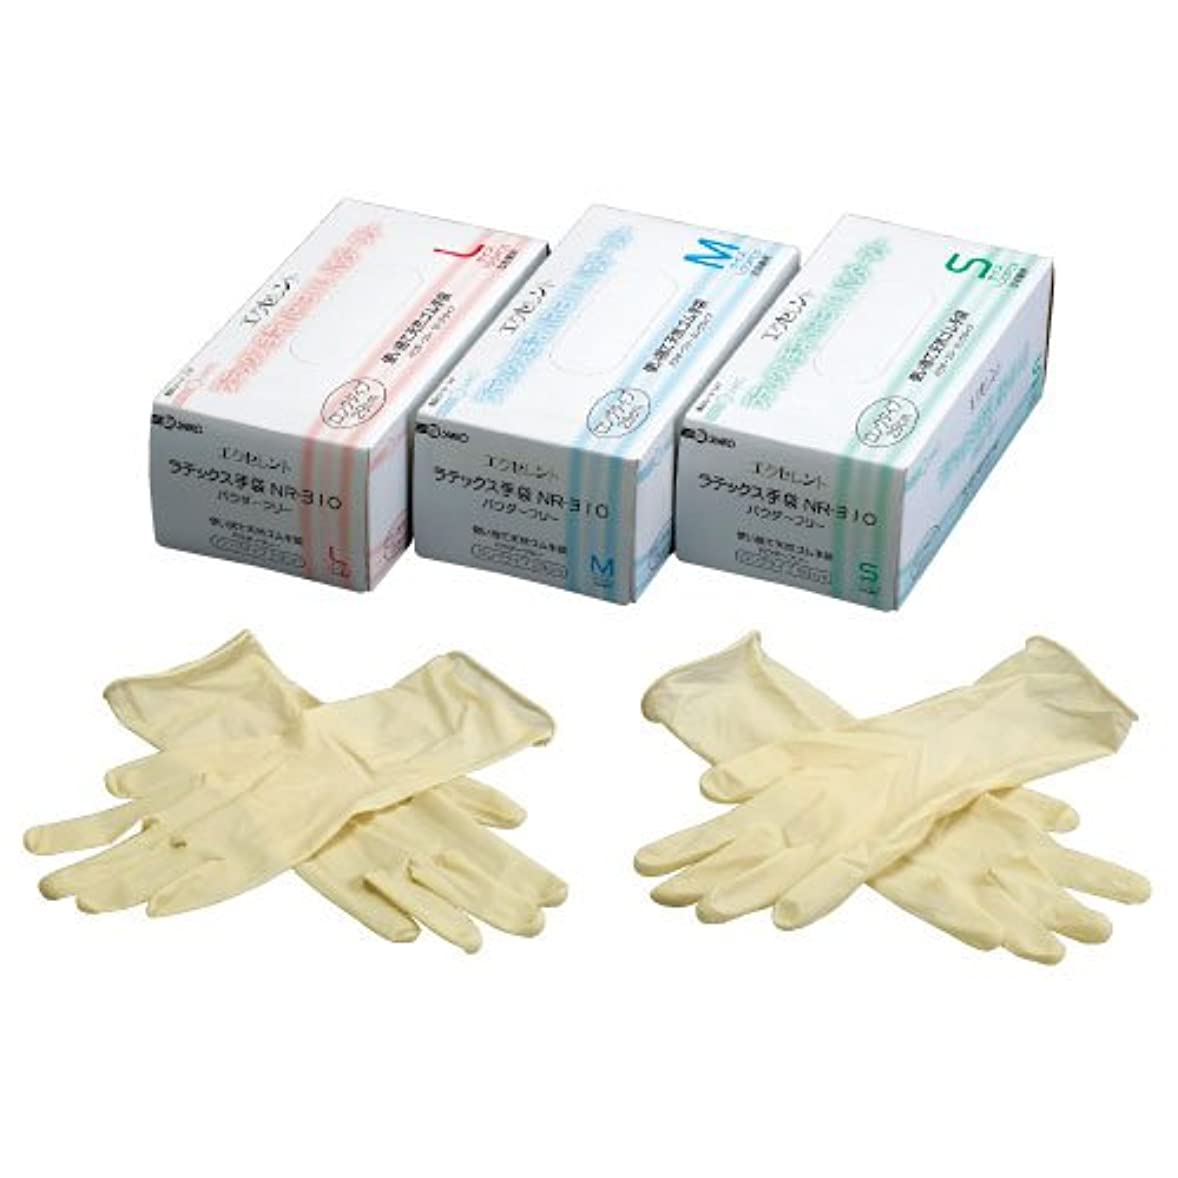 オープナー徴収懇願するエクセレントラテックス手袋PFロング ????????????????(23-3140-00)NR-310(100????)M M